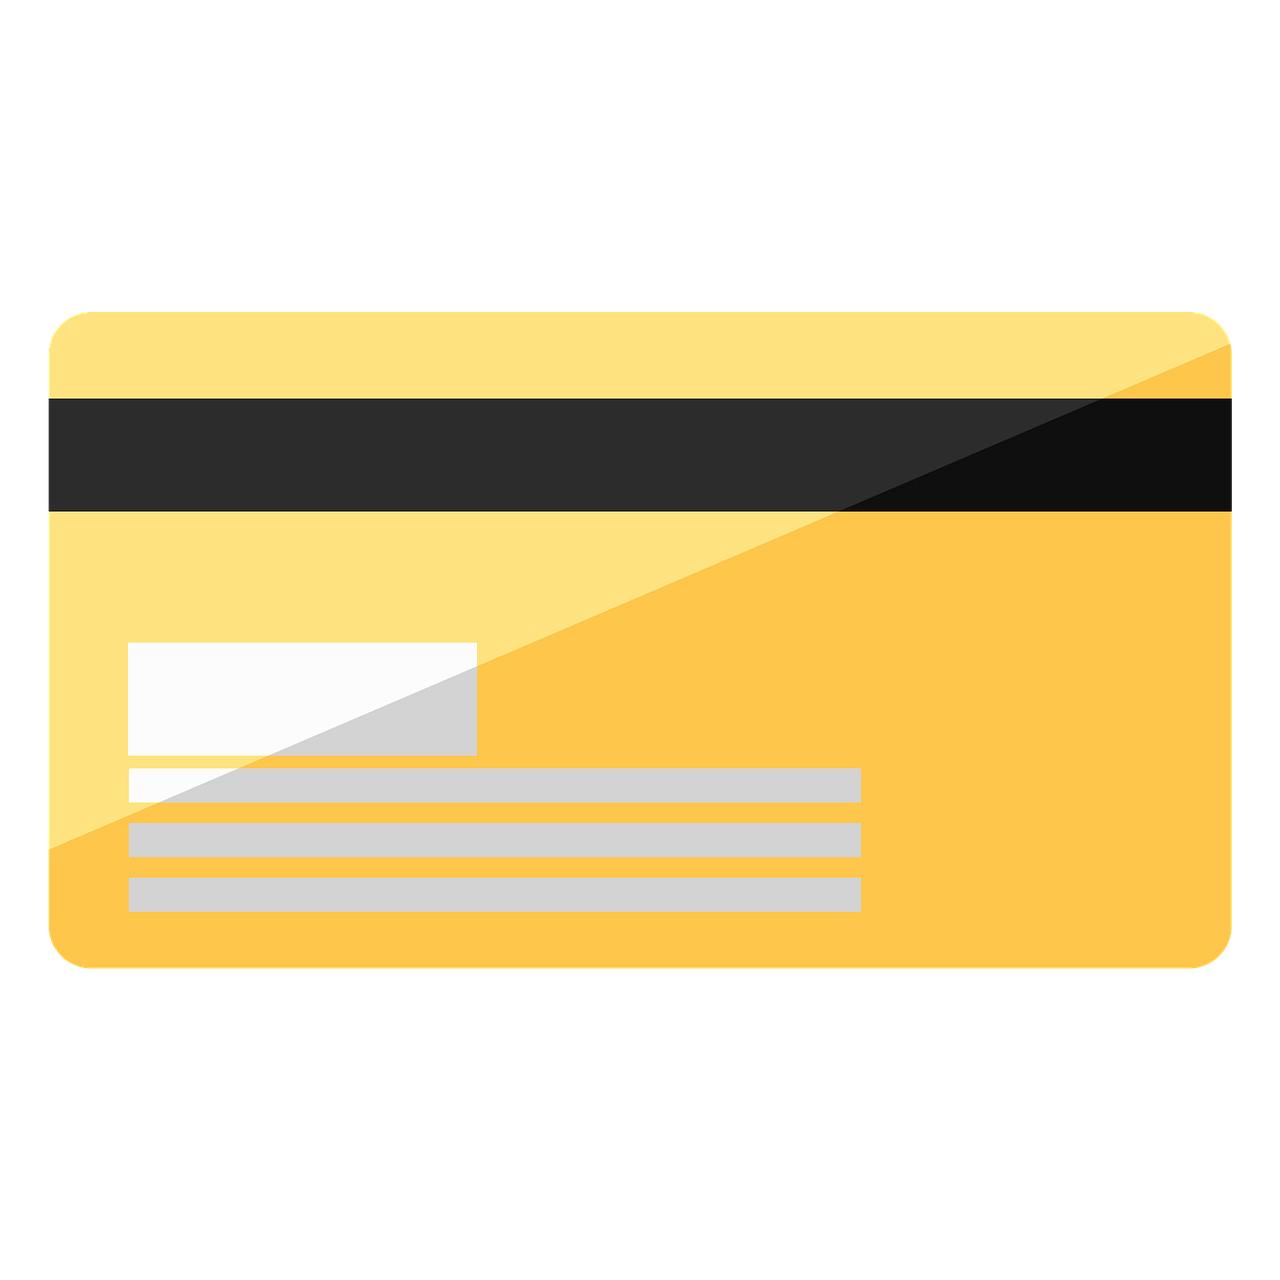 Prepagate con massimali elevati: facsimile di una carta di pagamento